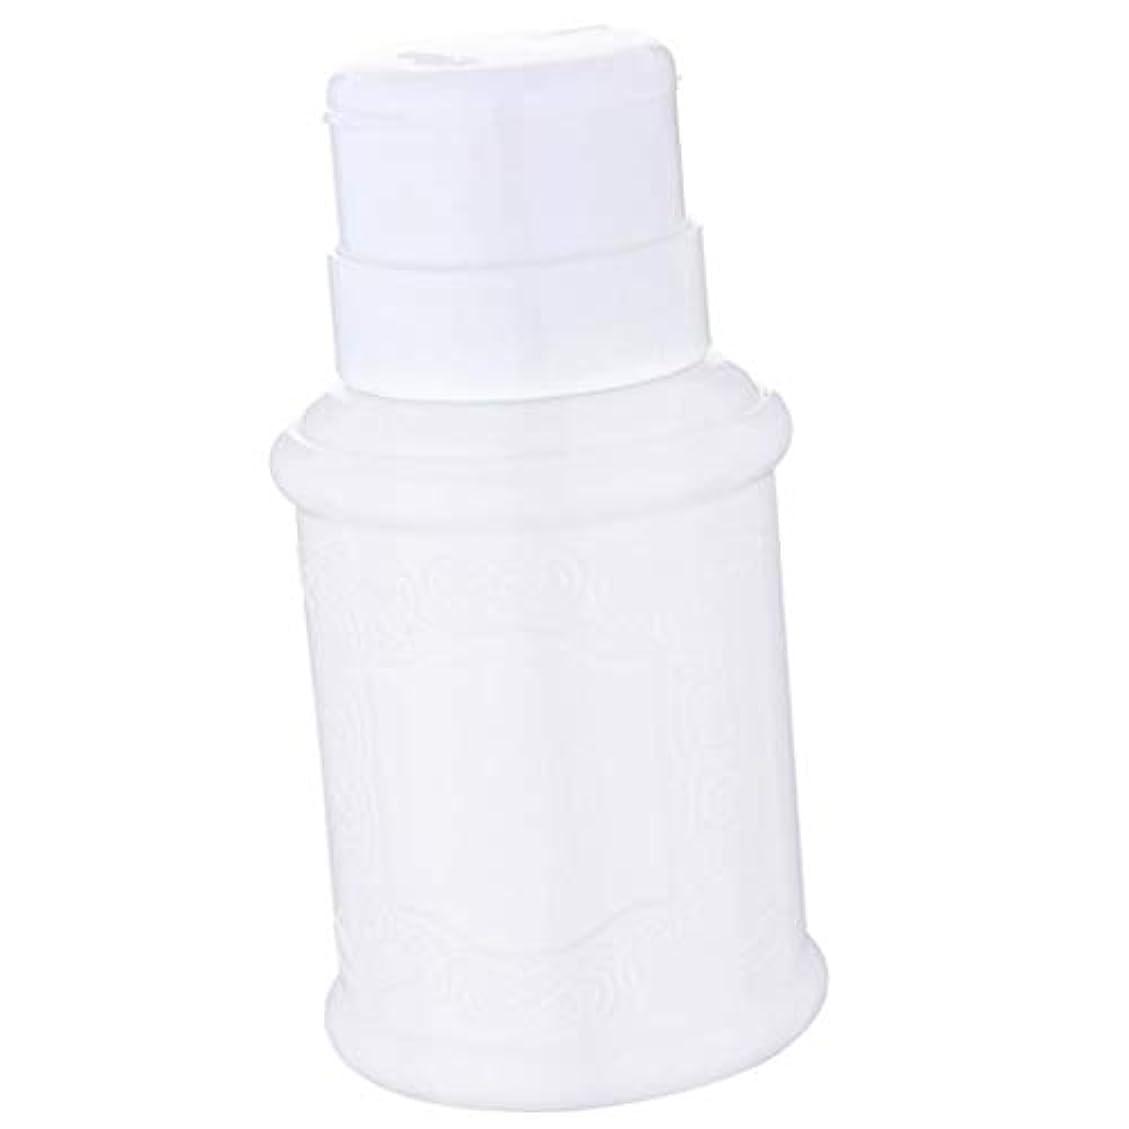 味わうオート脱走ポンプディスペンサー ネイル リットル空ポンプ ネイルクリーナーボトル 全3色 - 白